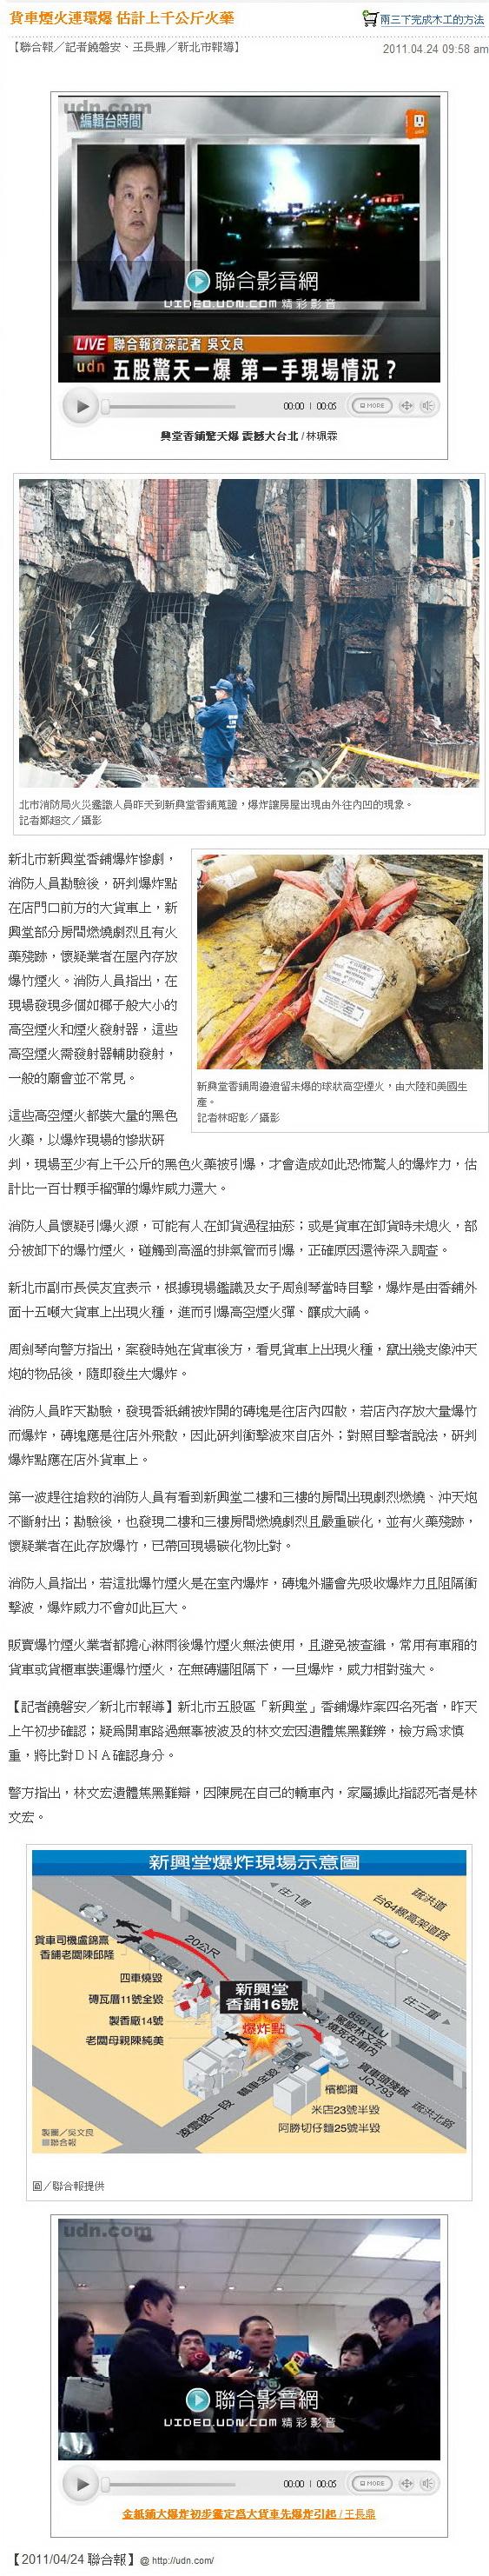 貨車煙火連環爆 估計上千公斤火藥-2011.04.24.jpg